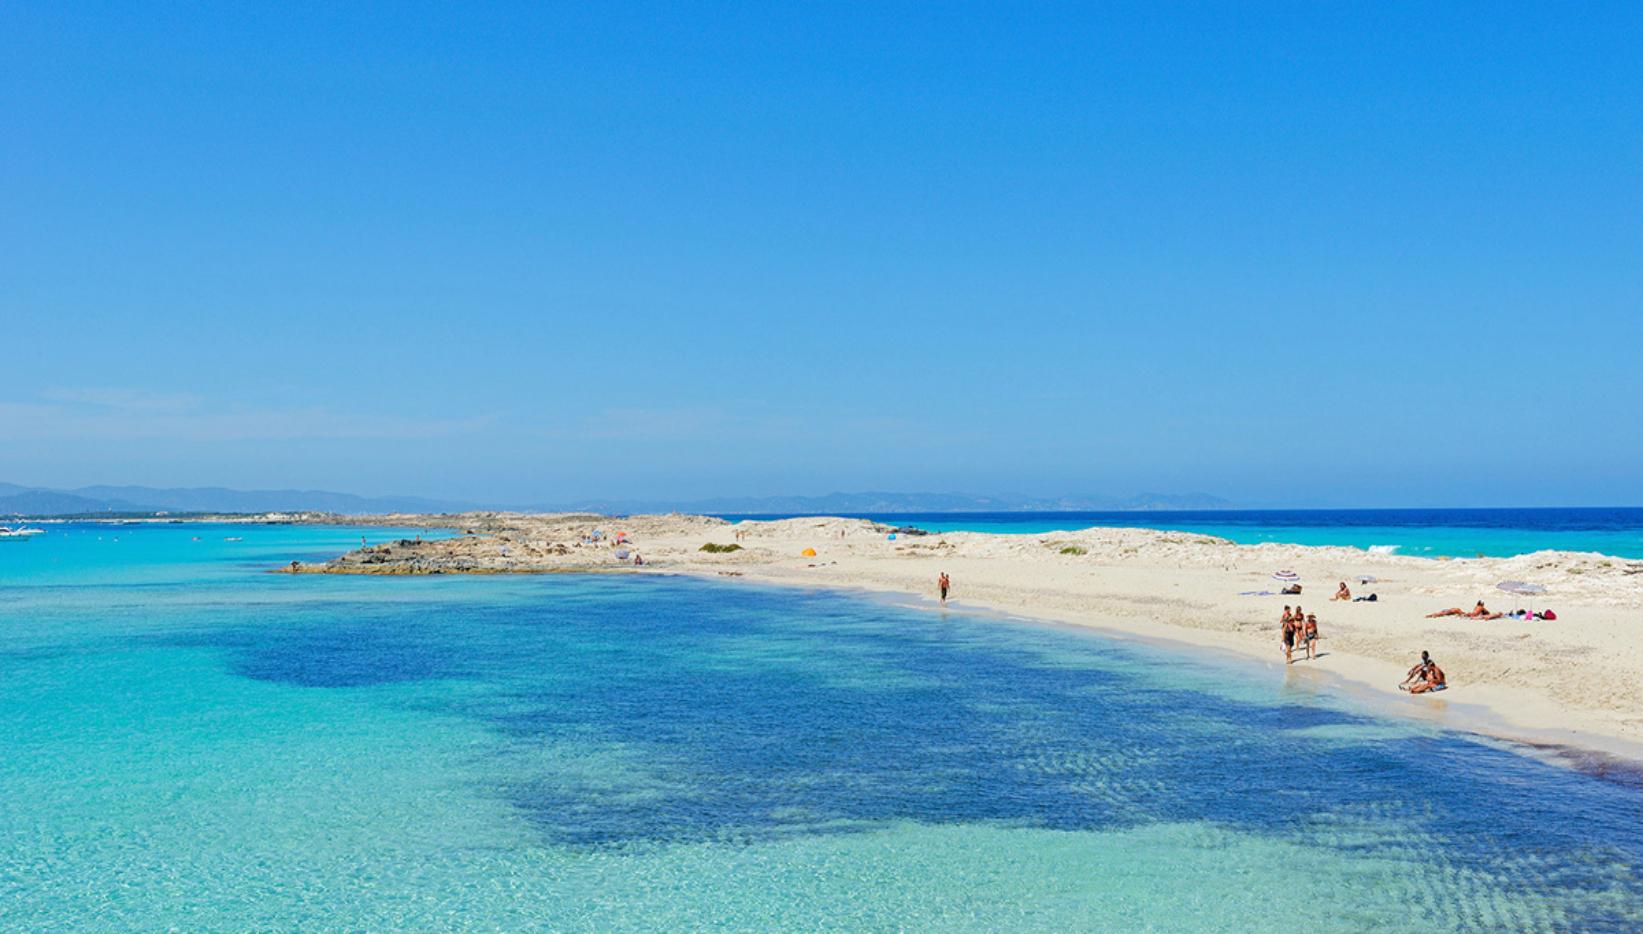 Formentera wird eine weitere Woche in Phase 3 bleiben